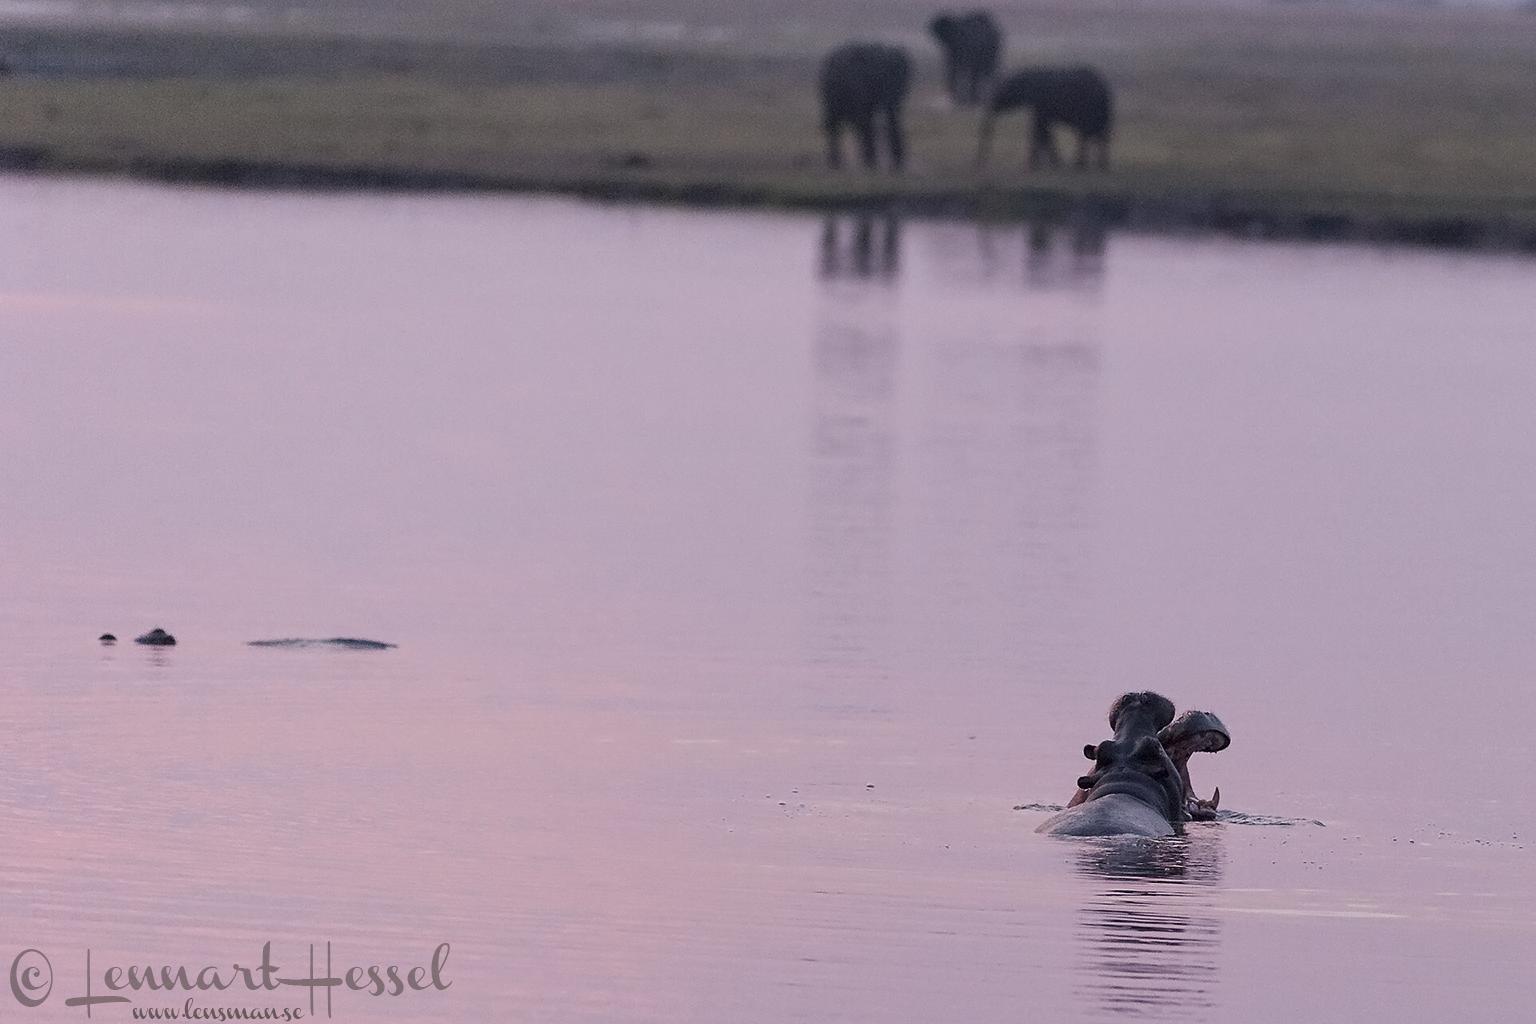 Hippo fight in Chobe river